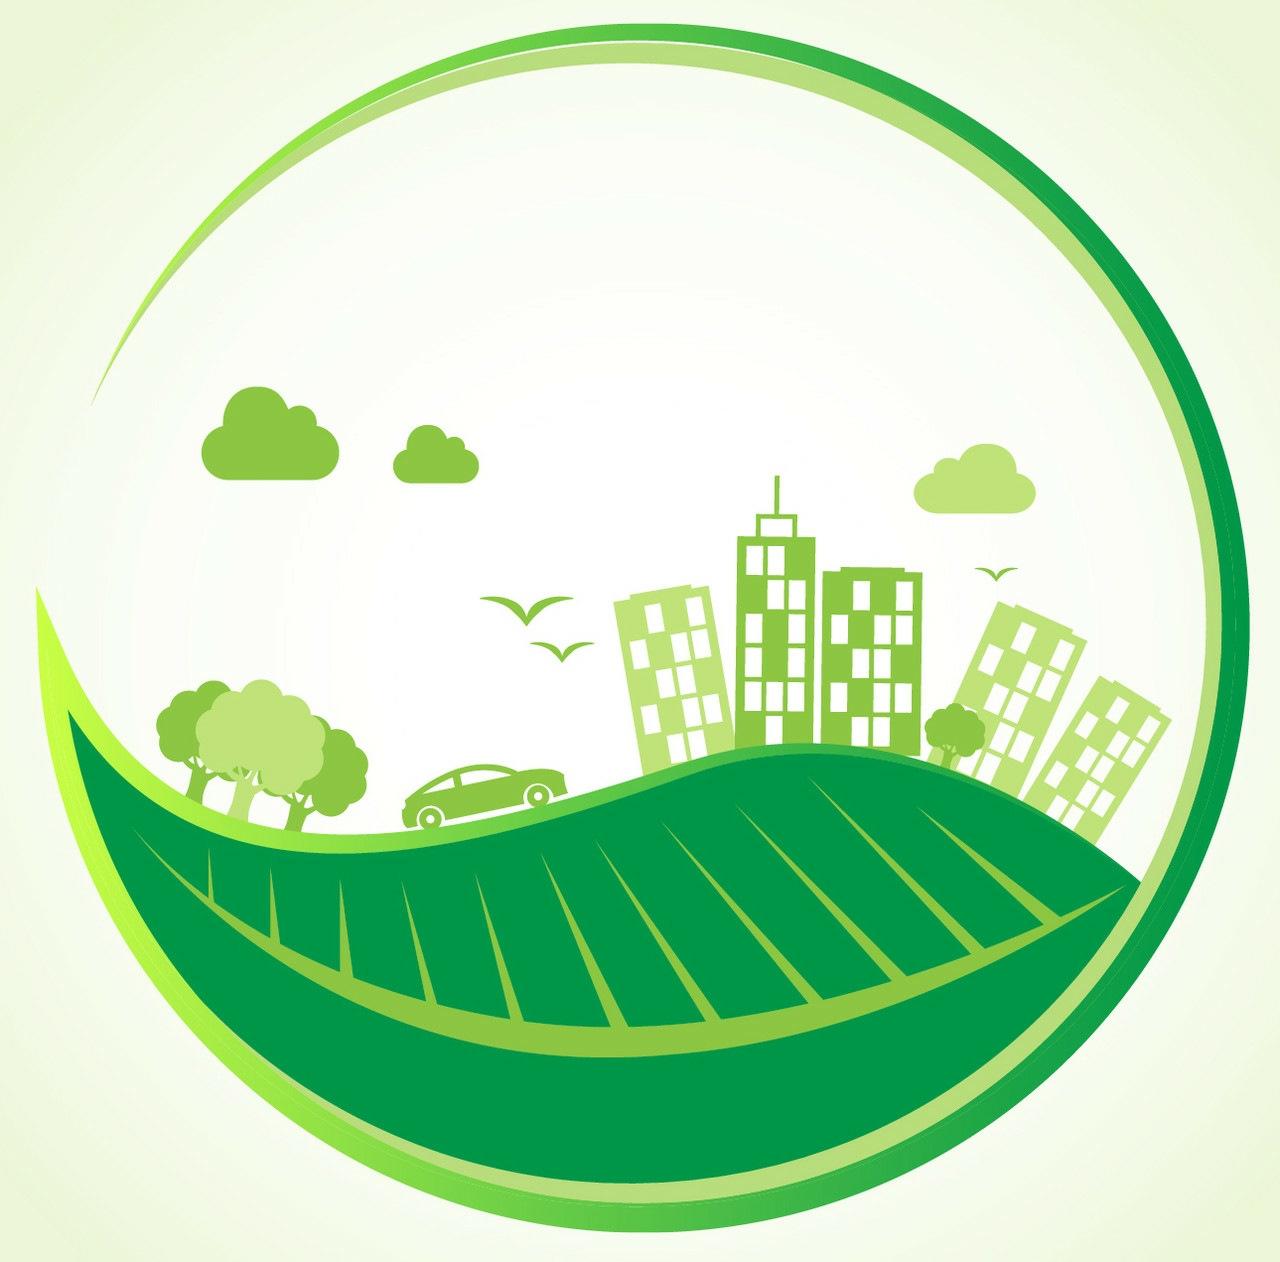 Эмблема экологии в картинках